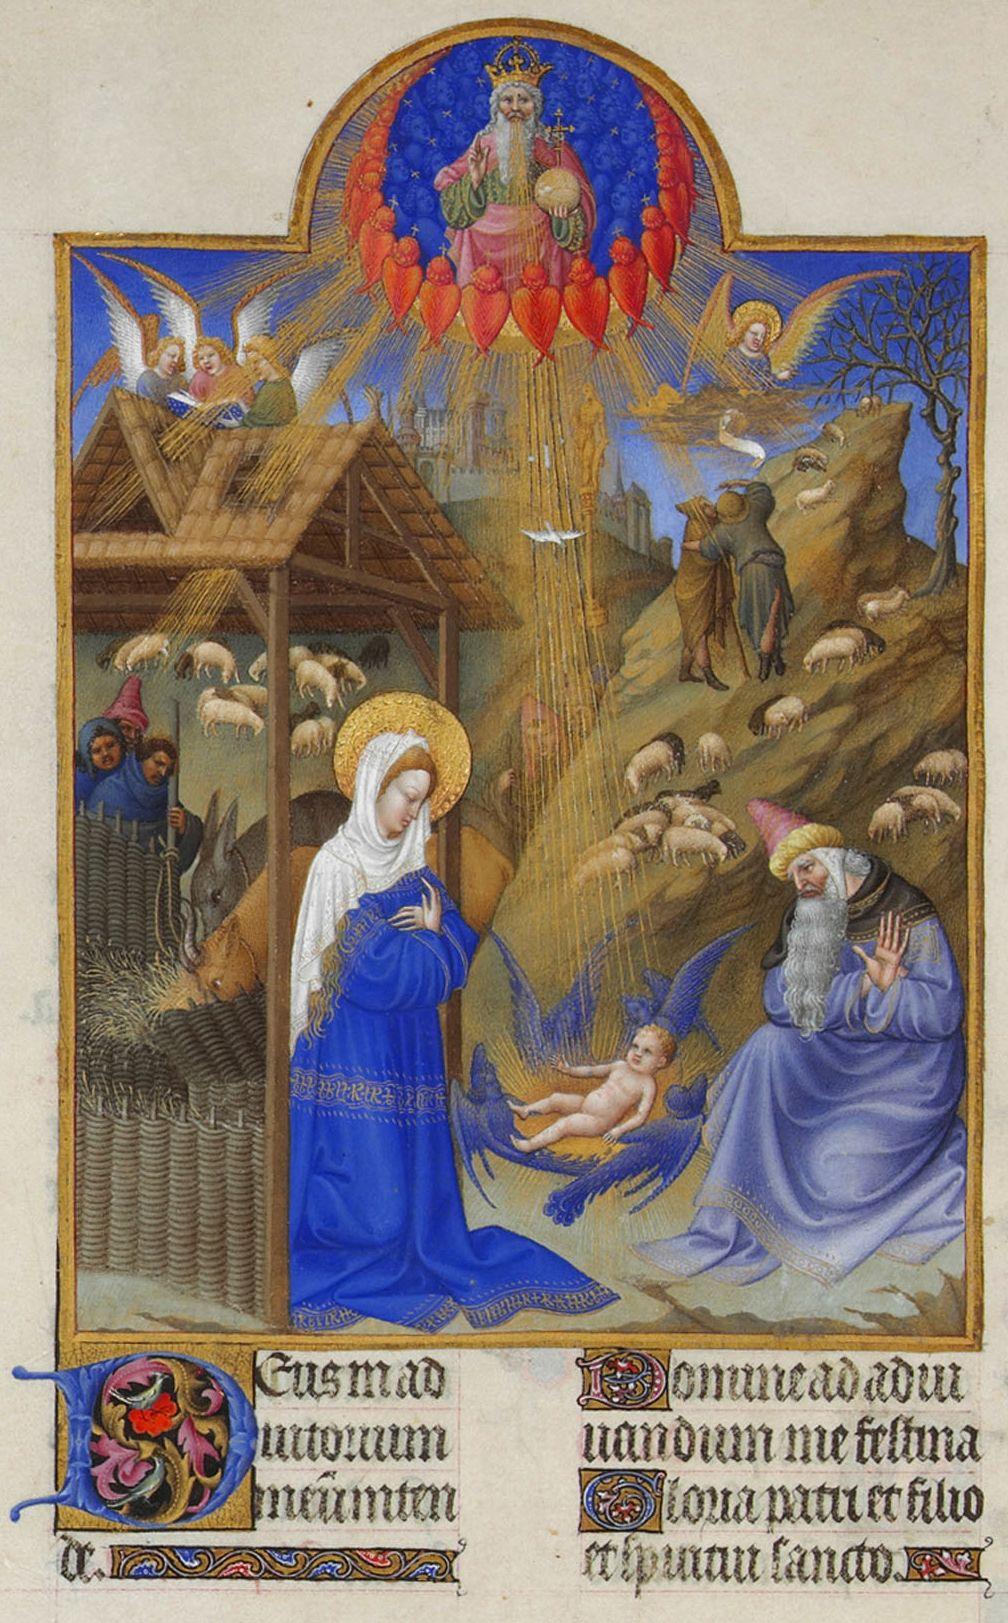 El tiempo de Adviento era visto como un tiempo especial de preparación para la llegada de Cristo, pero no sólo se enfocaba en su nacimiento, sino también en la inminencia de la Segunda Venida de Jesús, dándole a la temporada navideña también una dimensión escatológica.